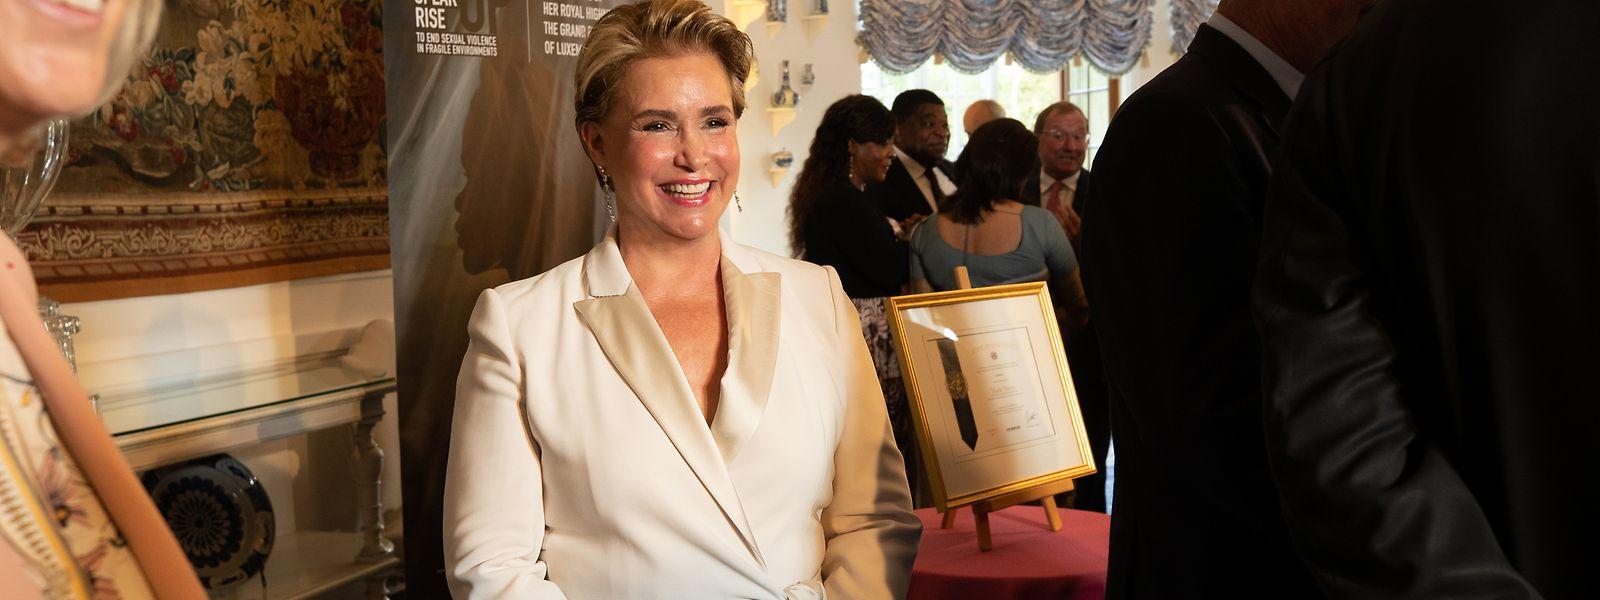 """Großherzogin Maria Teresa wurde kürzlich als """"Championne de la lutte contre les violences sexuelles liées aux conflits en soutien au plaidoyer des Nations-Unies"""" ausgezeichnet."""